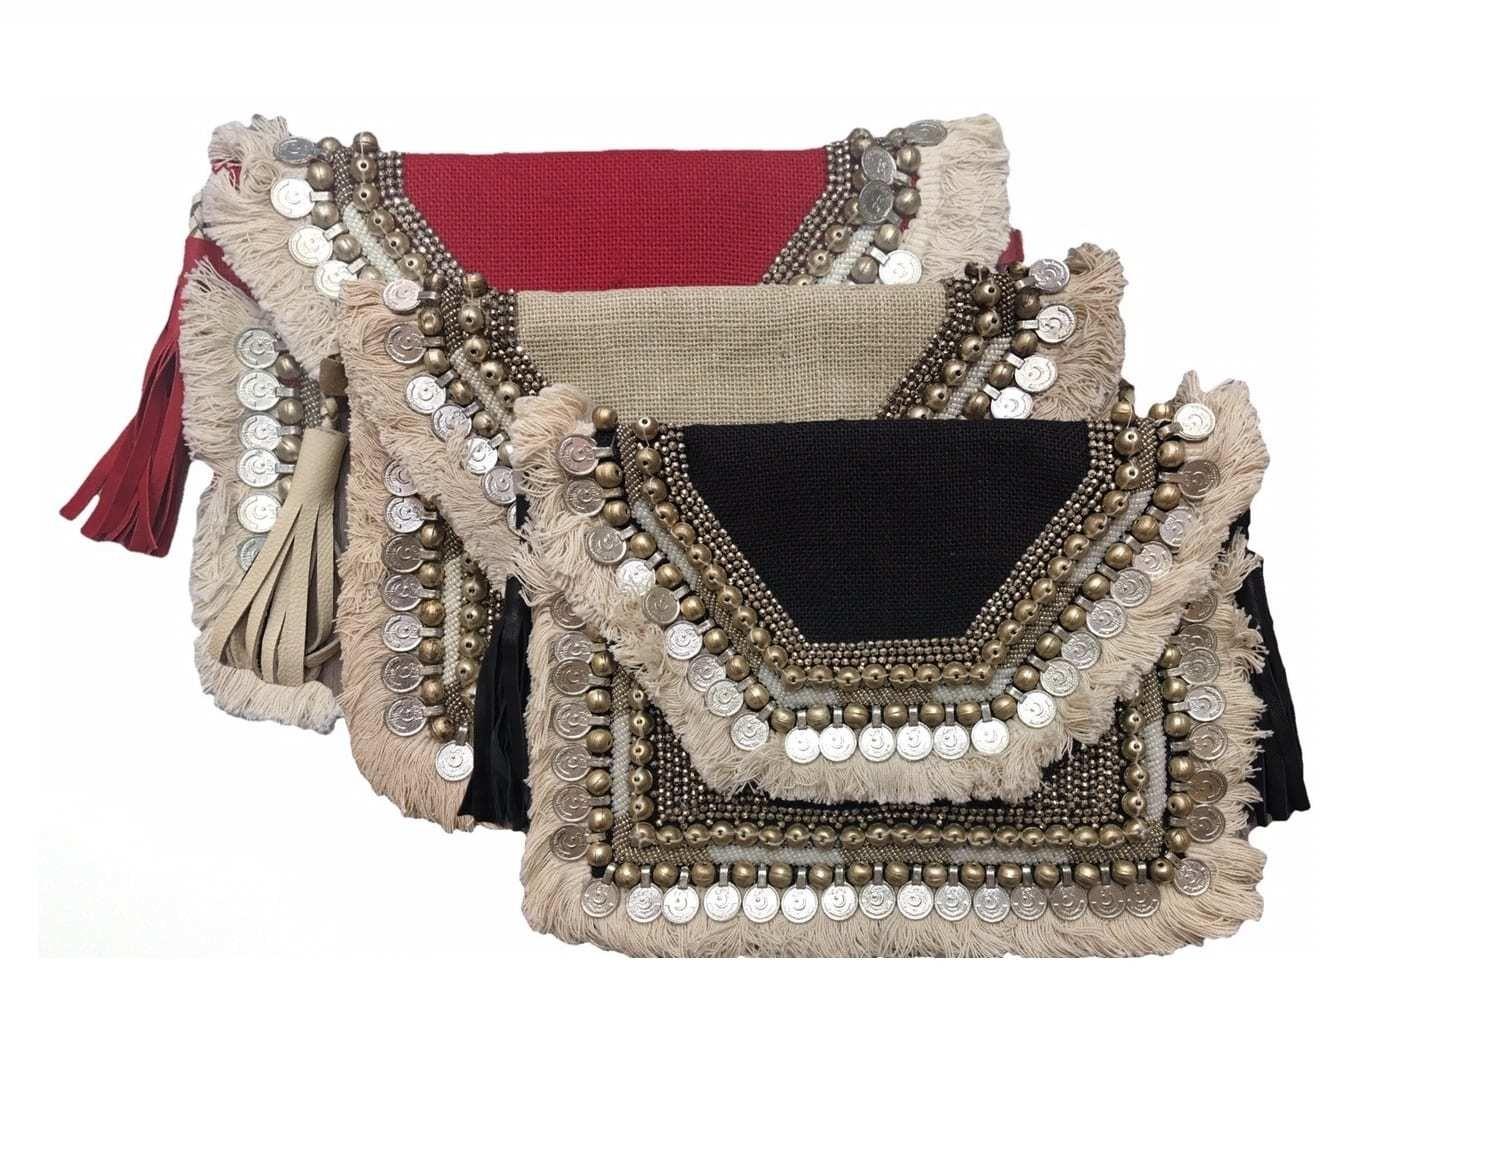 Delhi handbag